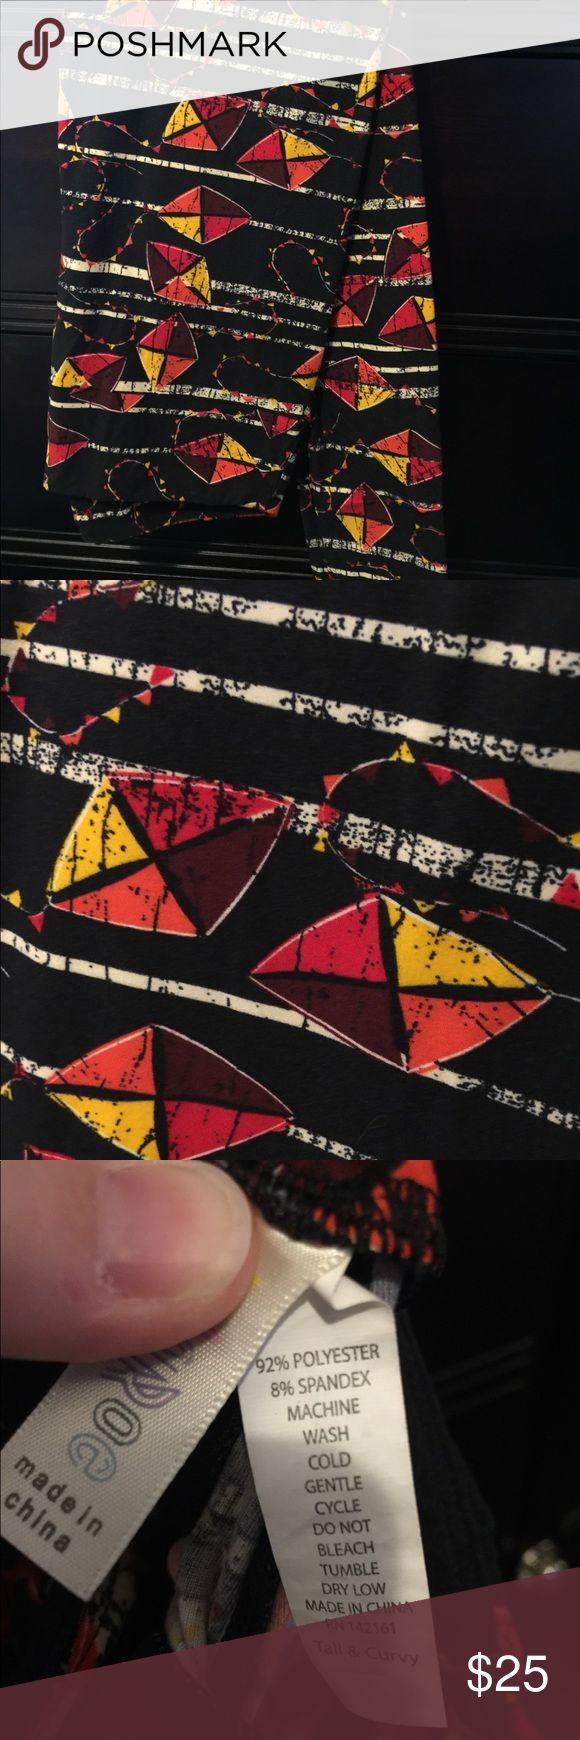 TC LuLaRoe Leggings Black background with orange, yellow and plum colored kites. Worn and washed once per LuLaRoe instructions. Like new. LuLaRoe Pants Leggings